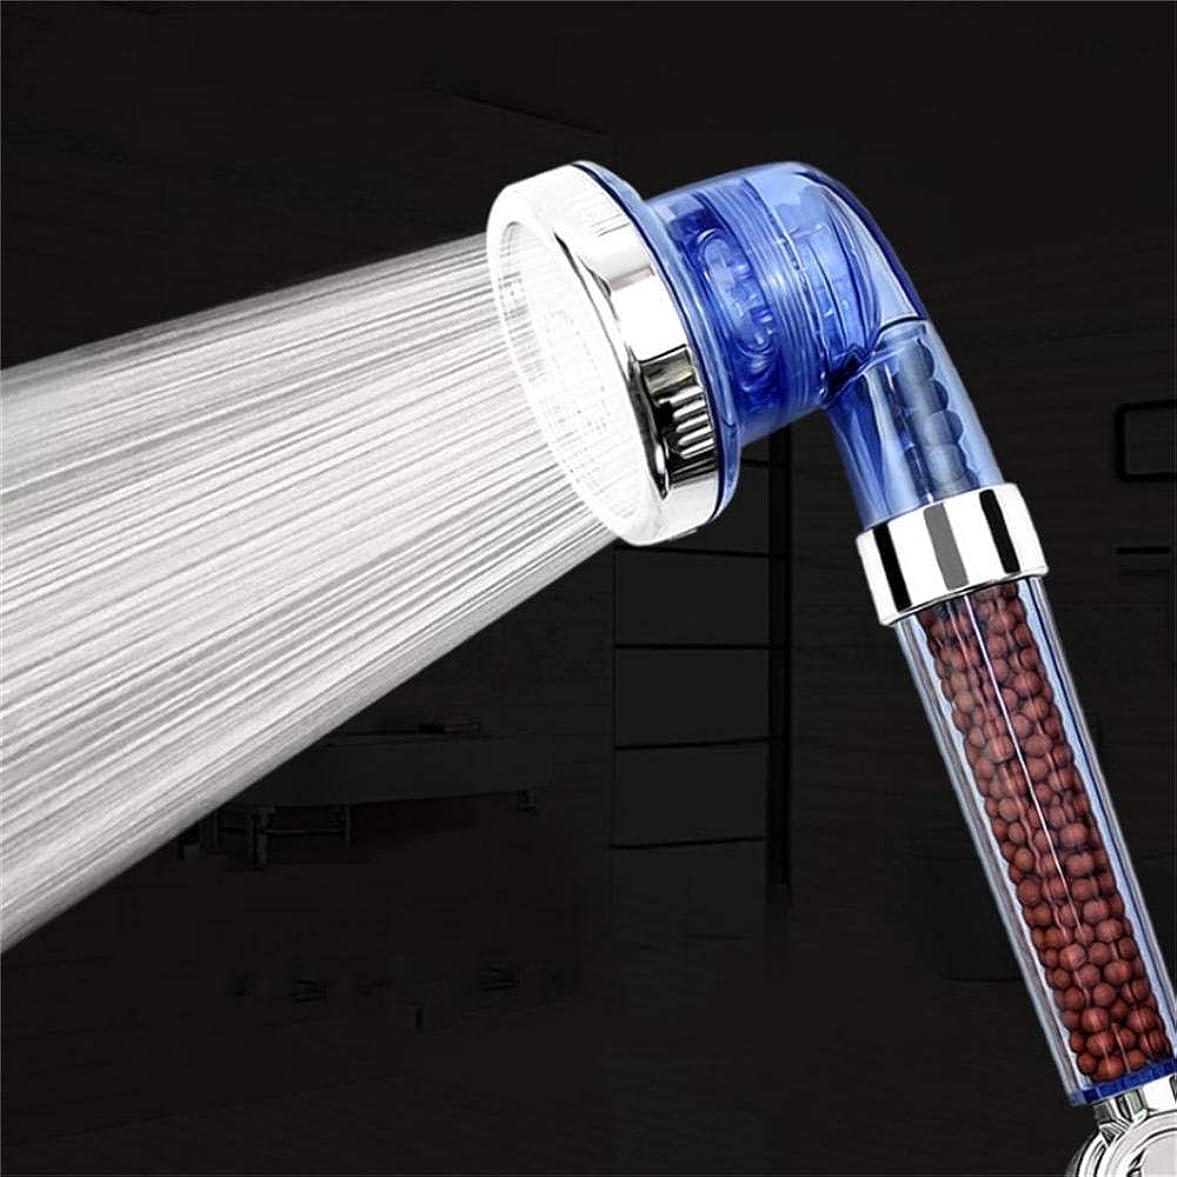 寛解廊下標高シャワーヘッド 取り付け簡単 健康なシャワーホース三シャワーとマイナスイオンスパフィルタリングさ調節可能なシャワーヘッド、、モードの負のロン?スパシャワーヘッドドロップシップ、ブルー